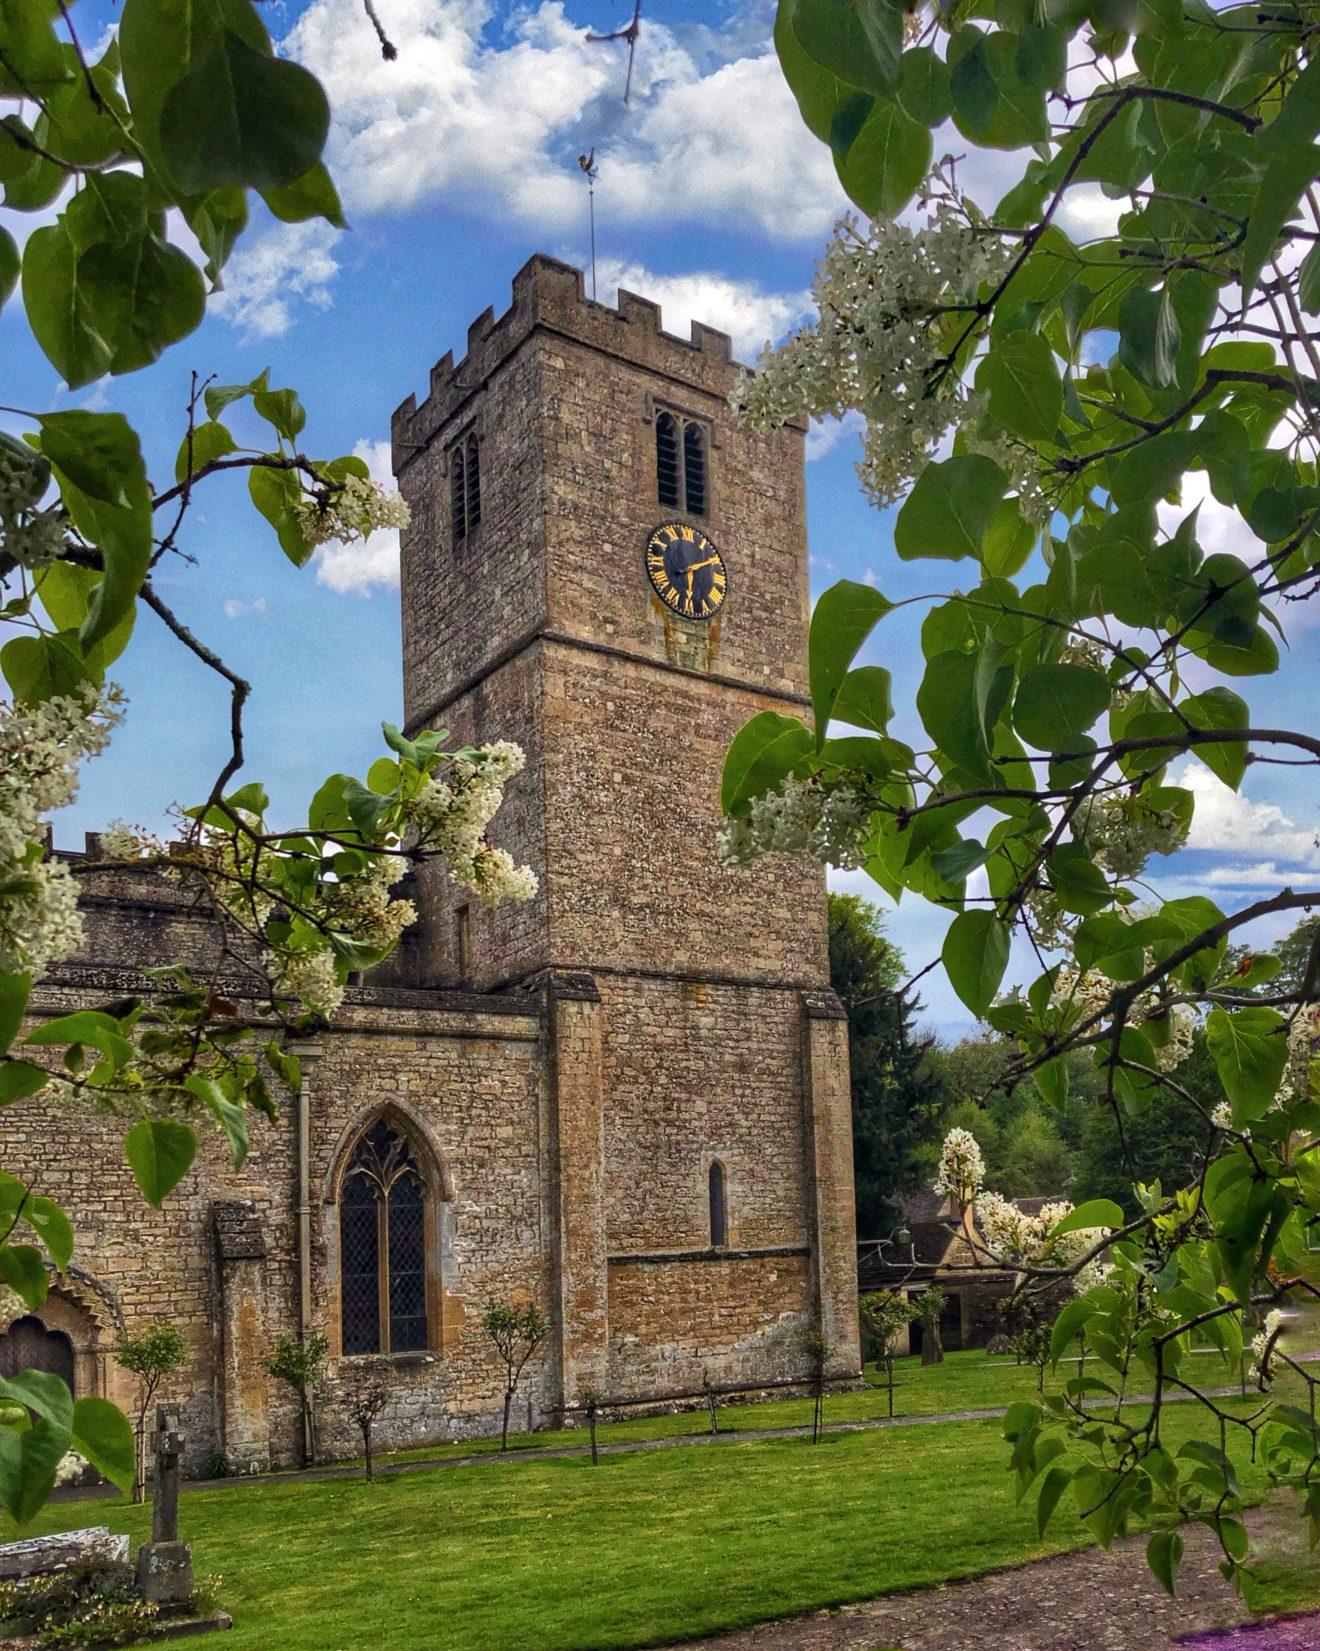 Cotswolds Bibury 2 1320x1651 - Cotswolds - cea mai pitoreasca regiune din Anglia